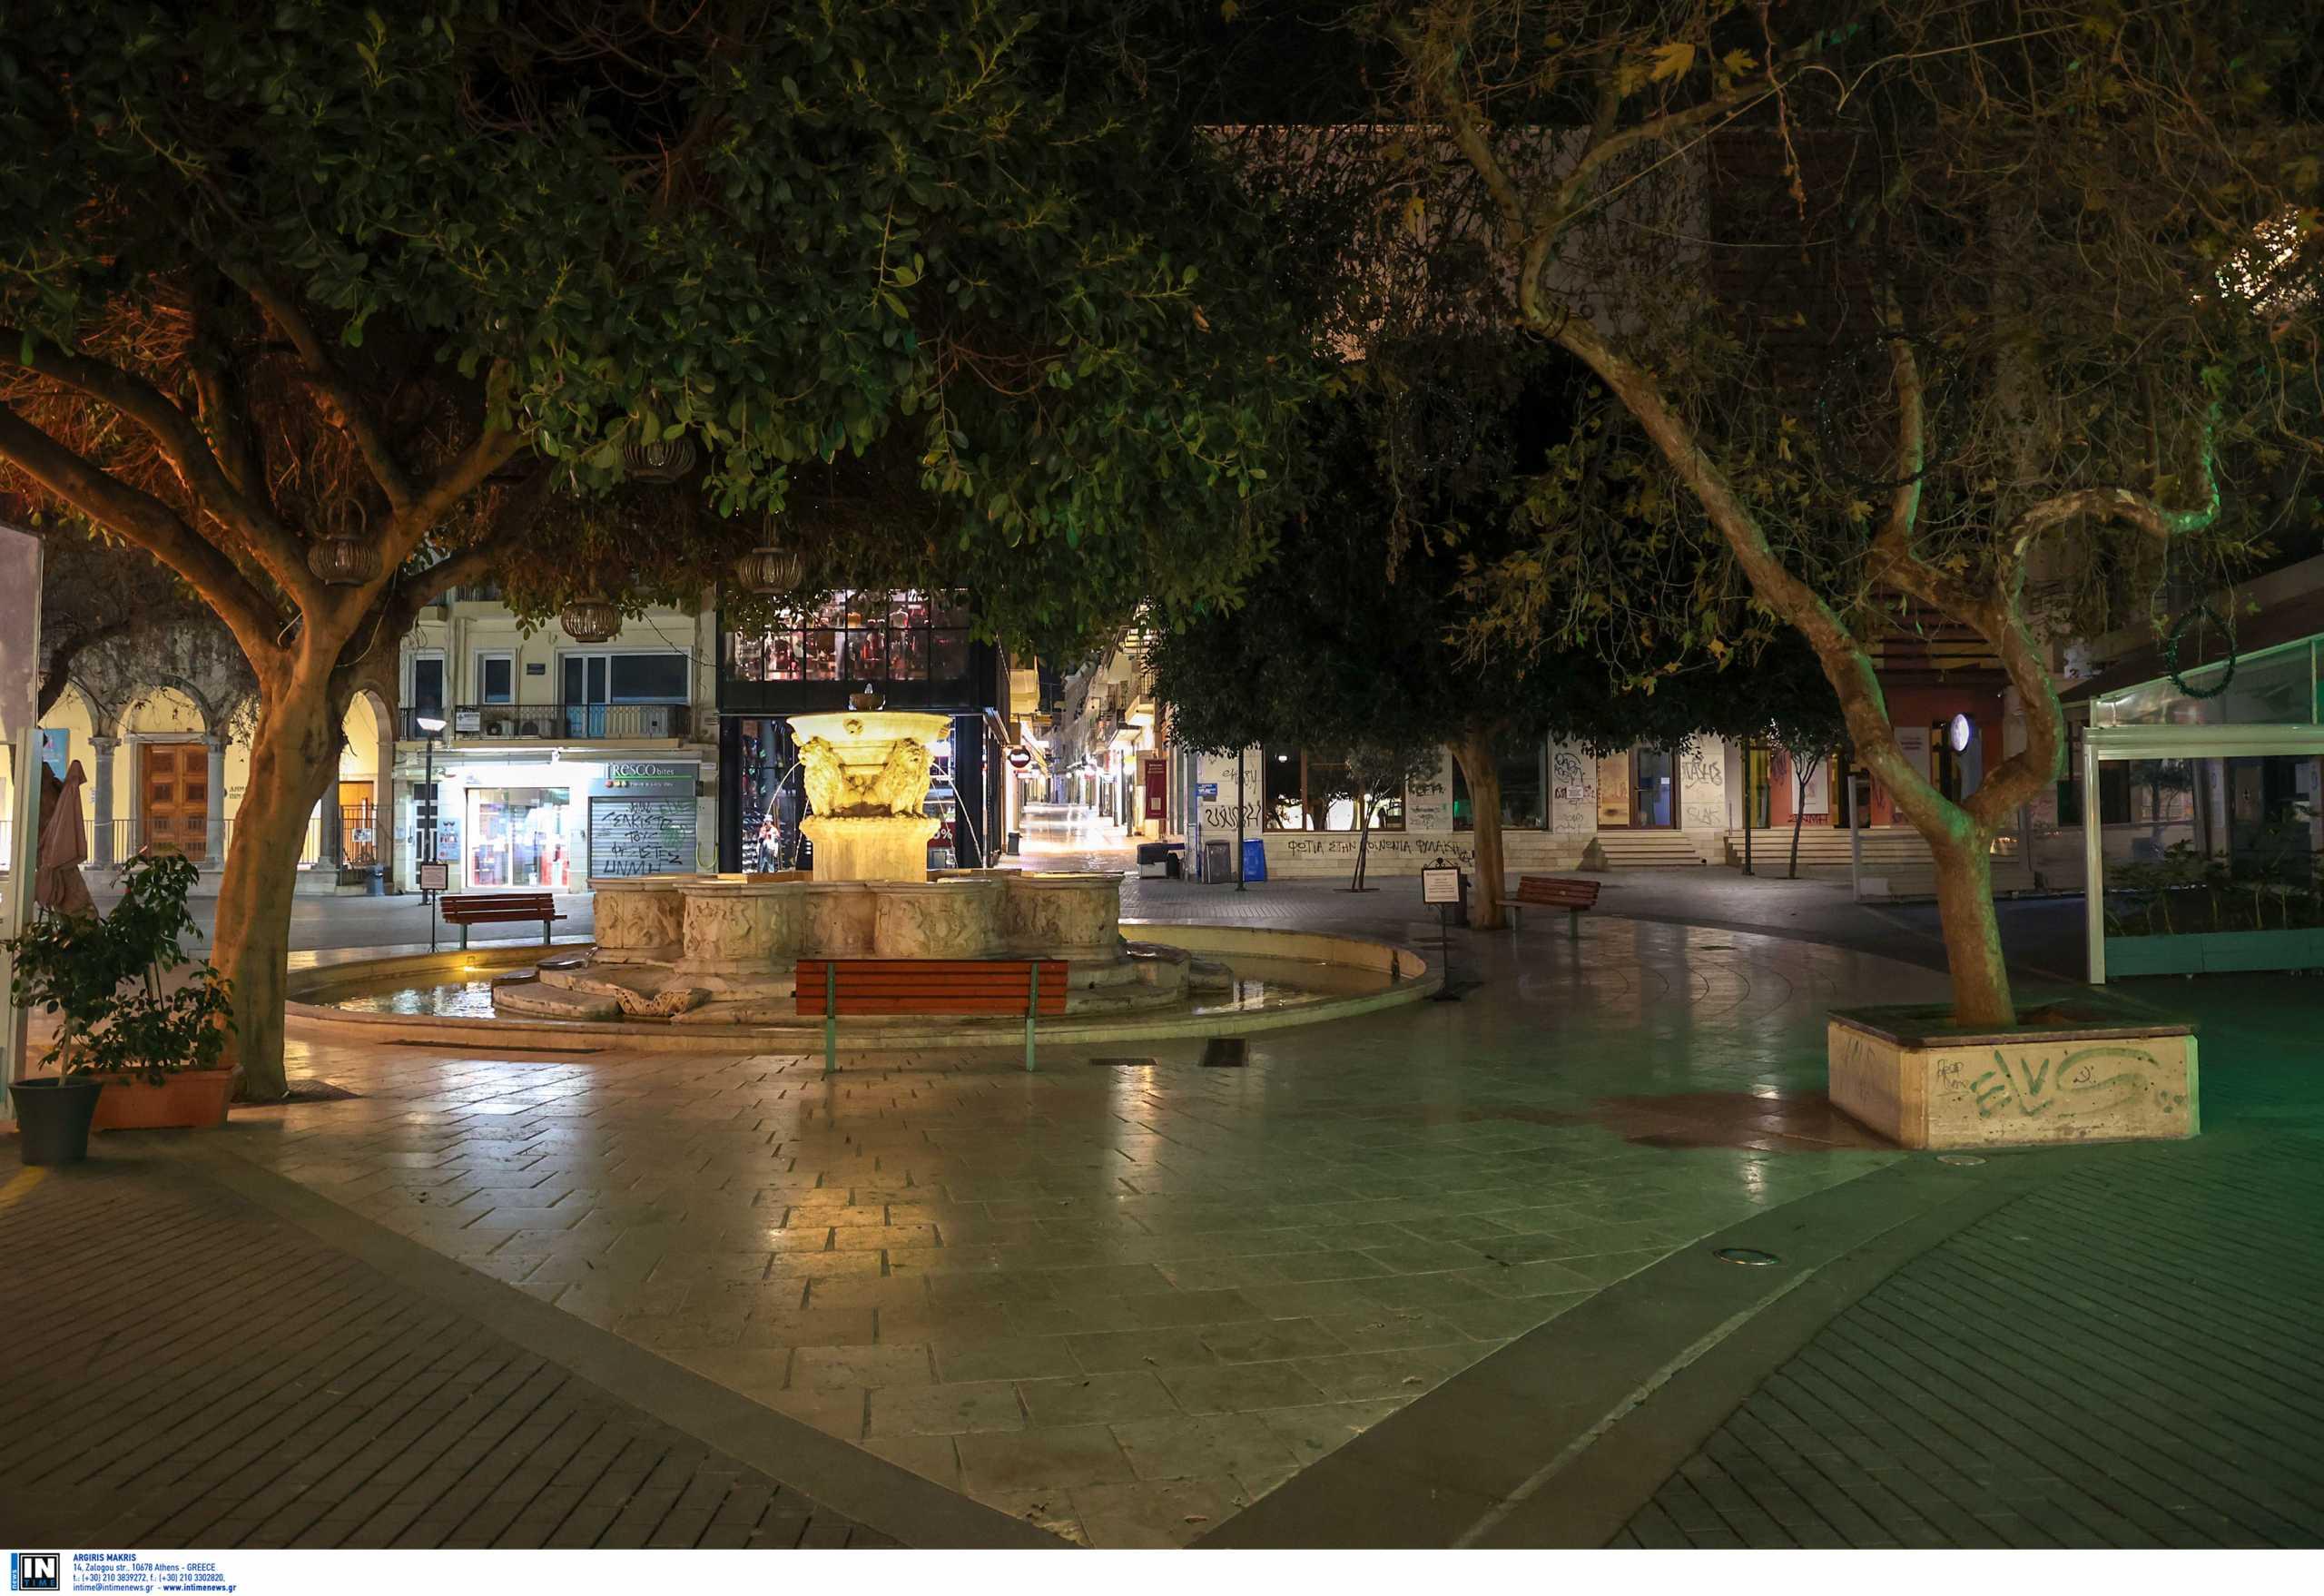 Κρήτη: Ο δήμος Αγίου Νικολάου τοποθετεί απινιδωτές σε δημόσιους χώρους